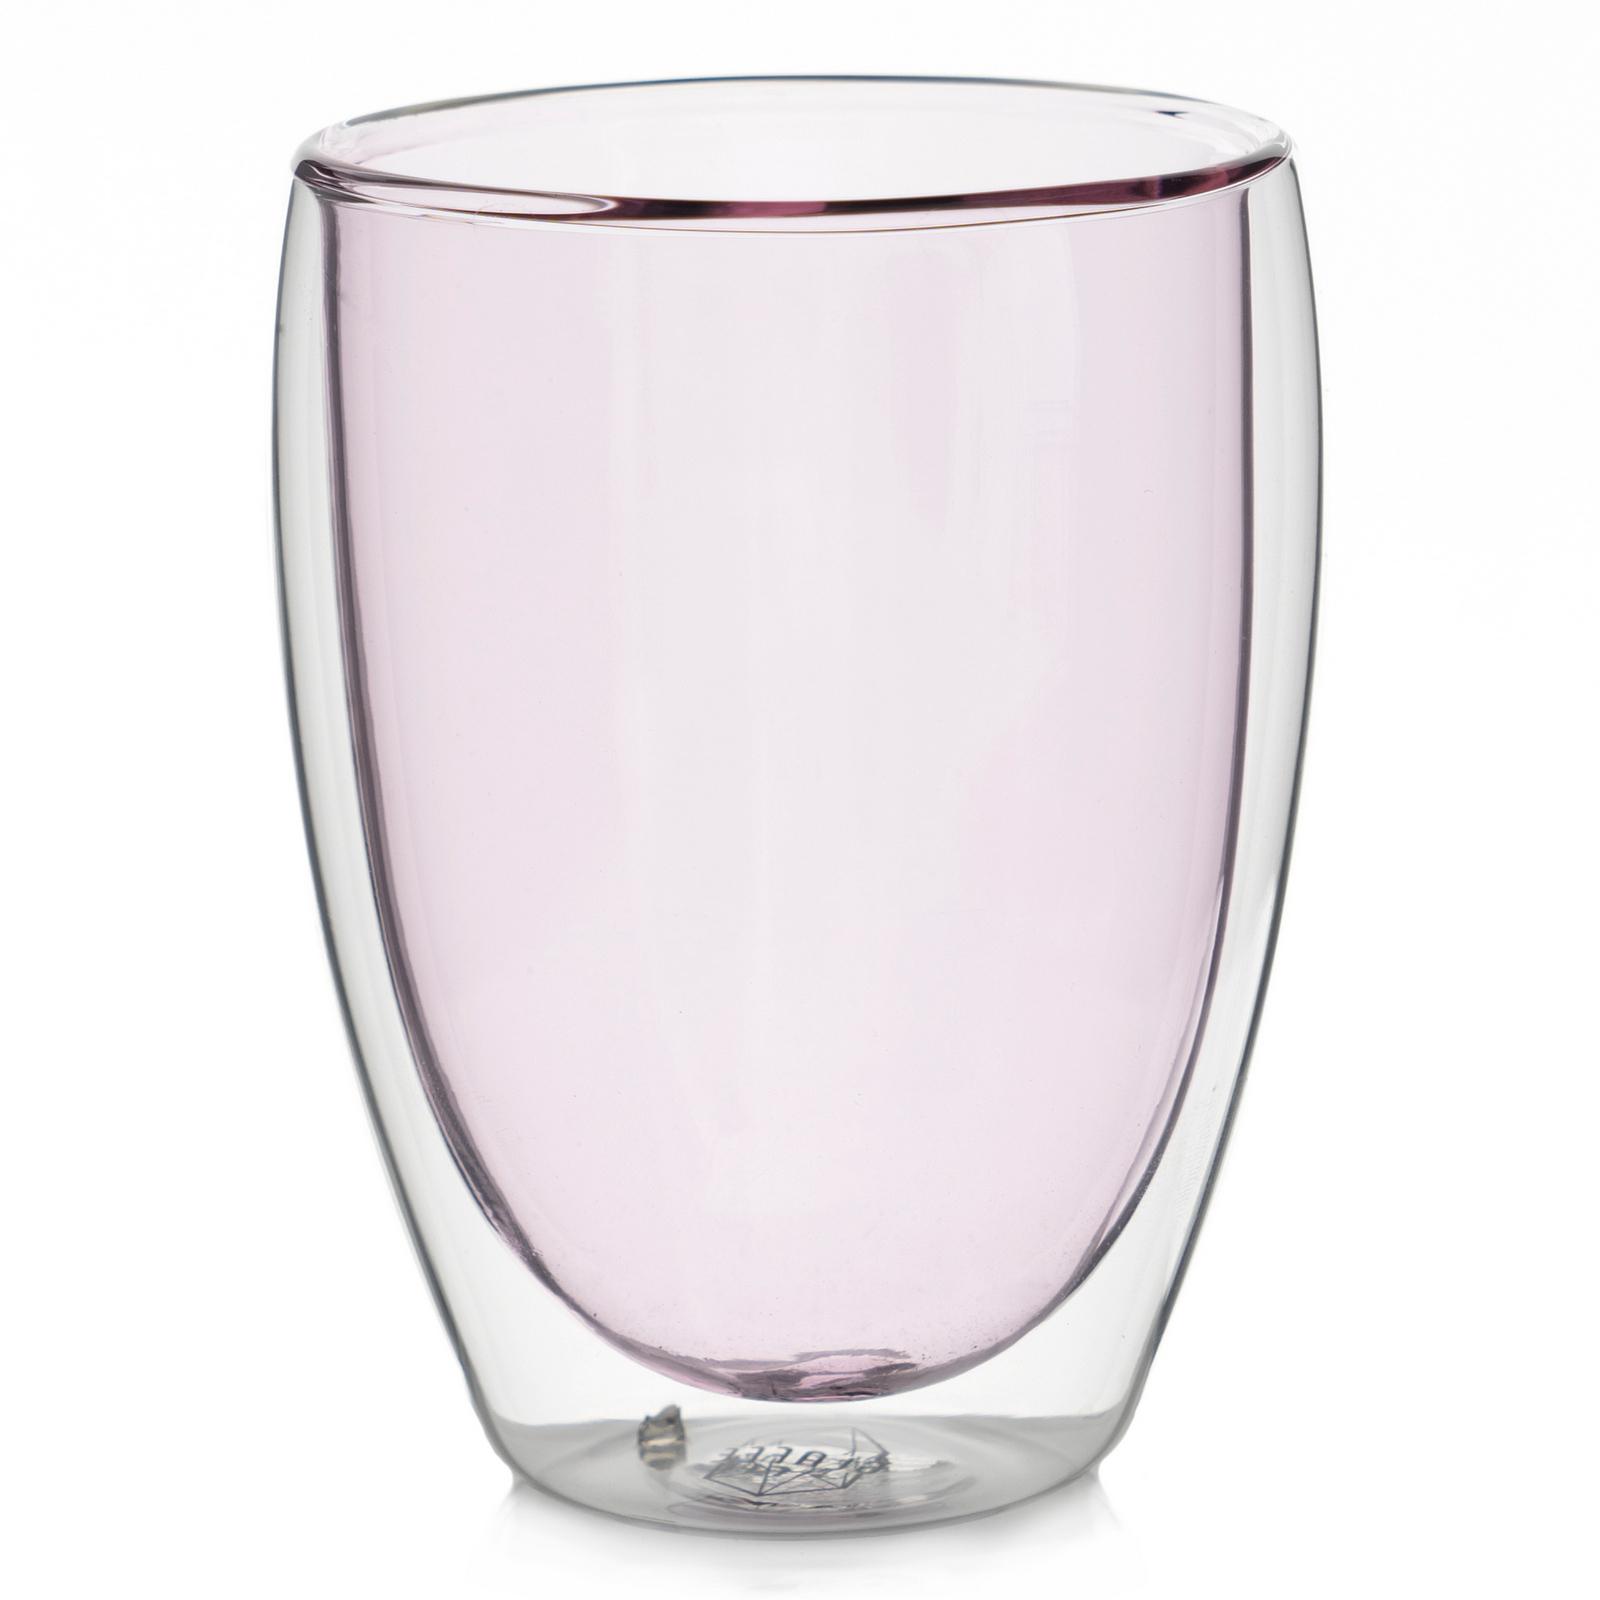 Все товары Стакан с двойными стенками цветной 350 мл, розовый розовый2.jpg